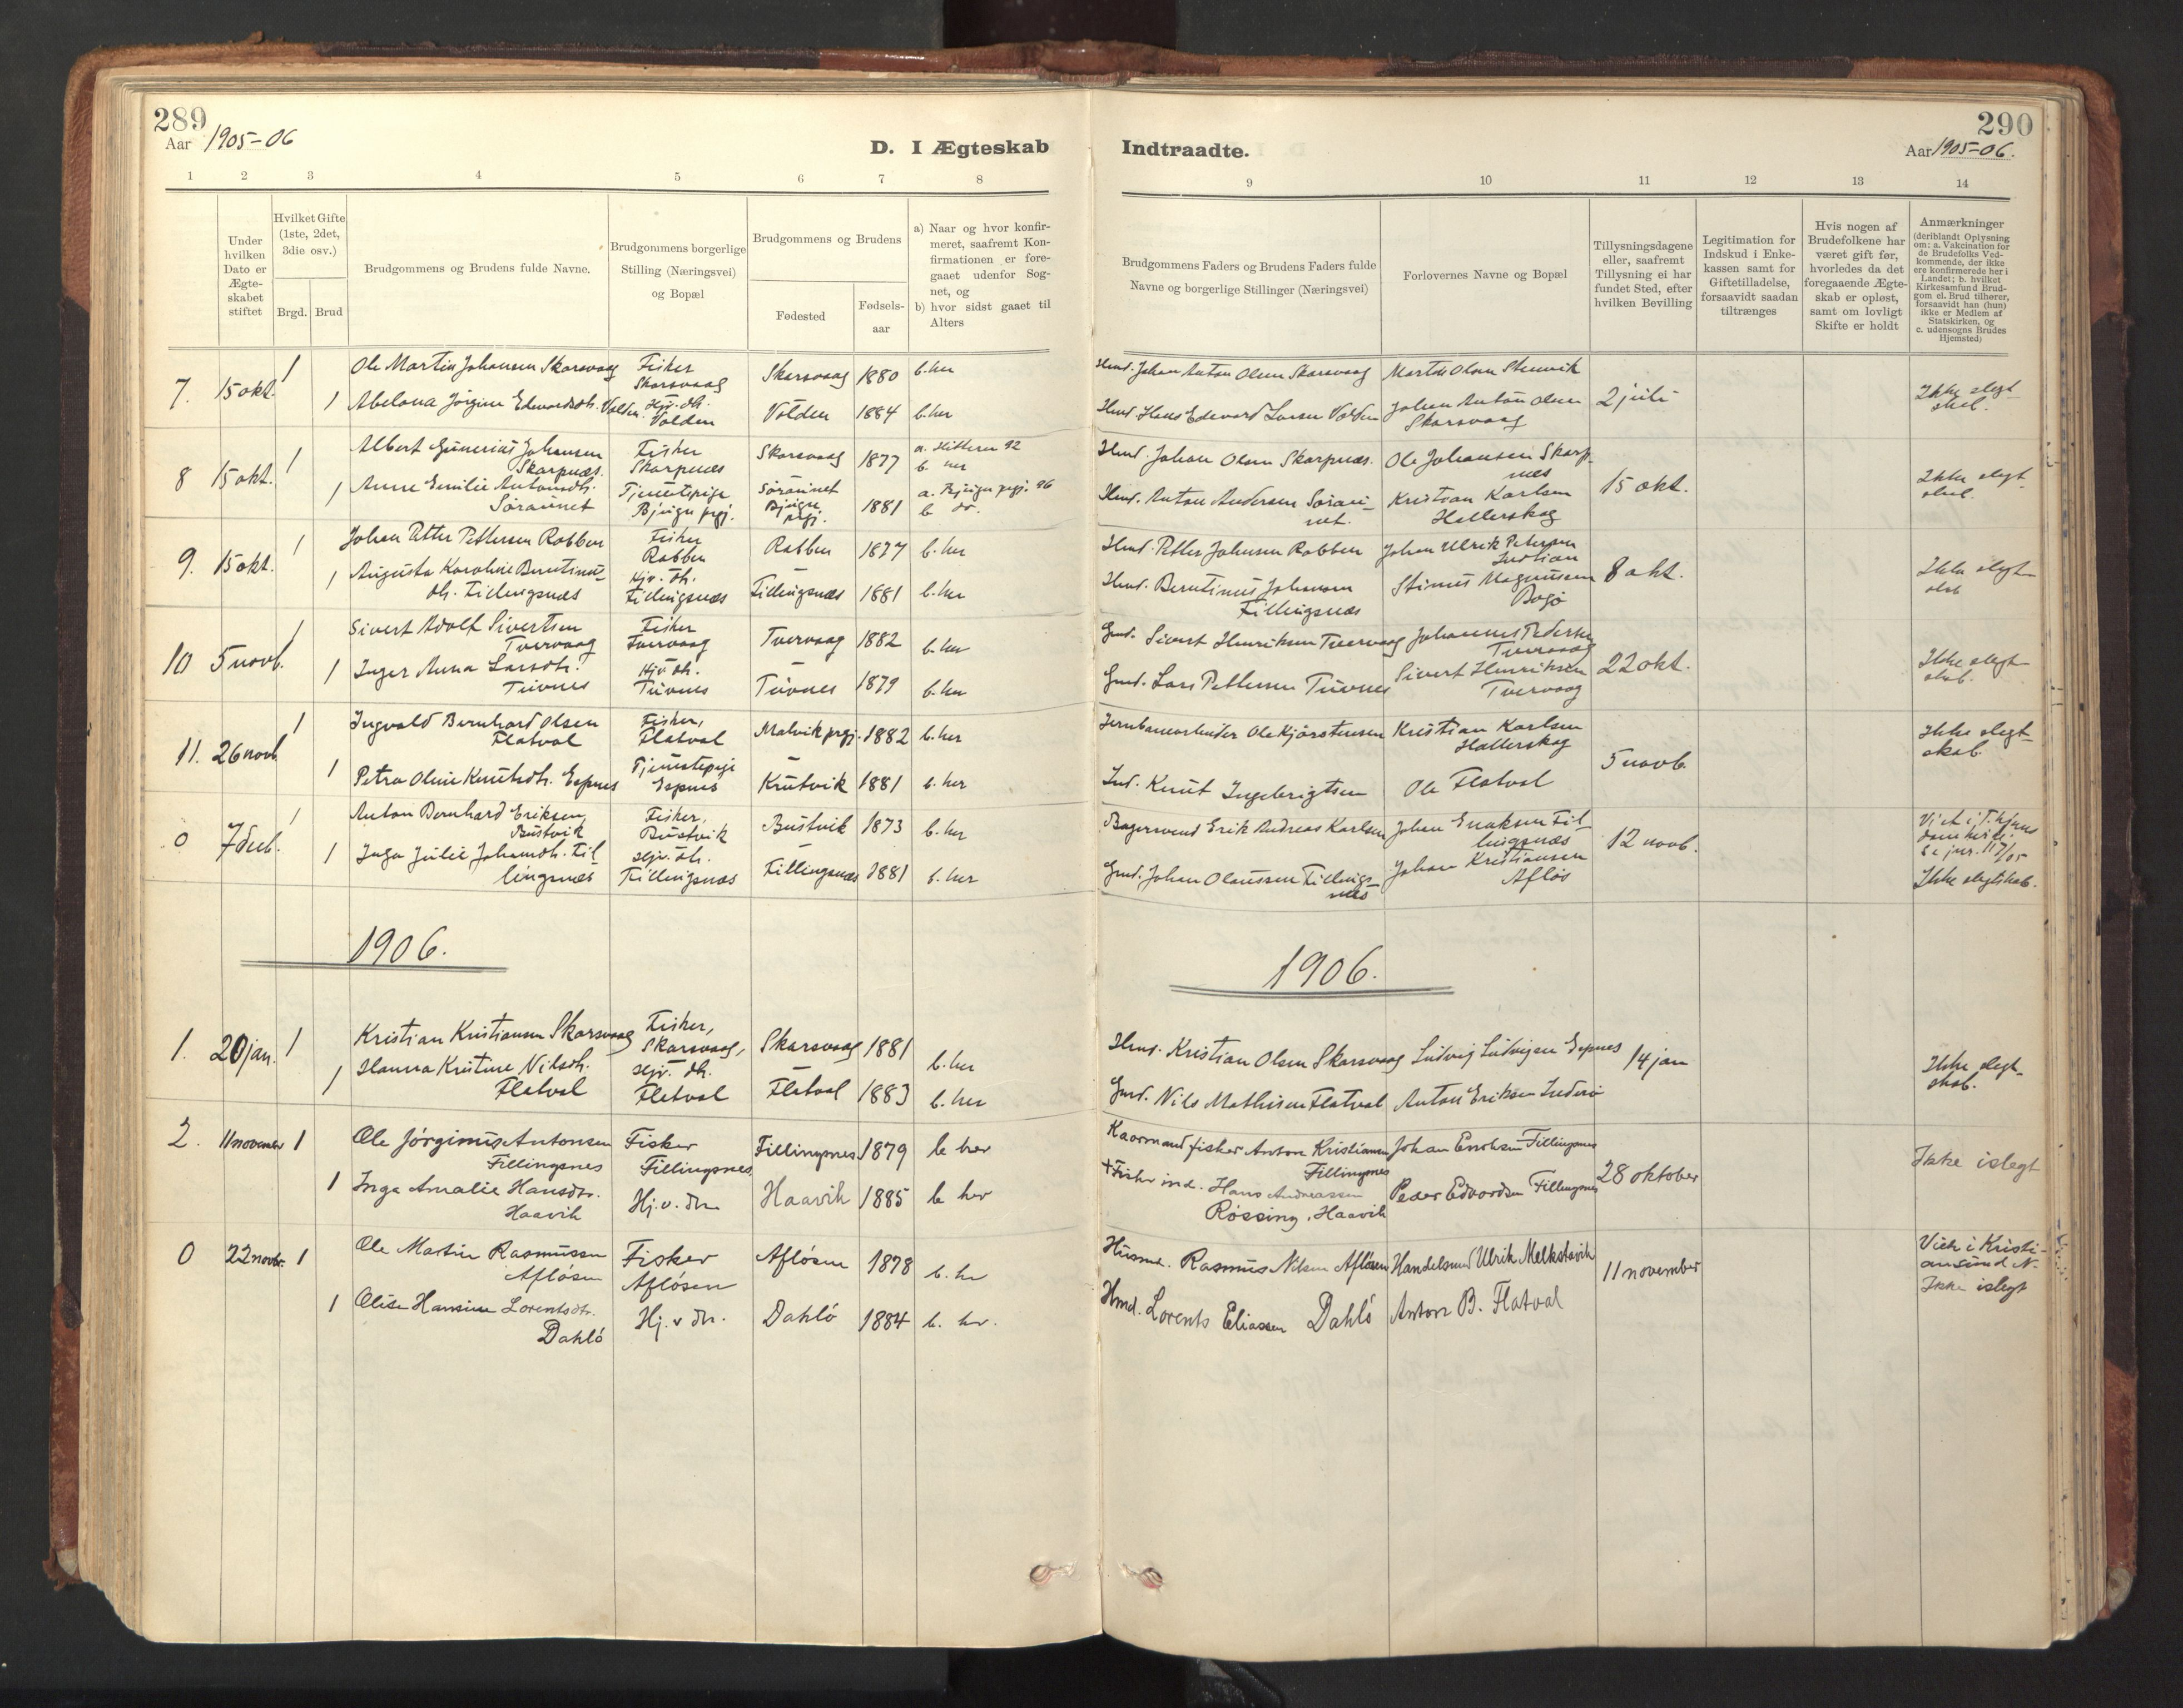 SAT, Ministerialprotokoller, klokkerbøker og fødselsregistre - Sør-Trøndelag, 641/L0596: Ministerialbok nr. 641A02, 1898-1915, s. 289-290